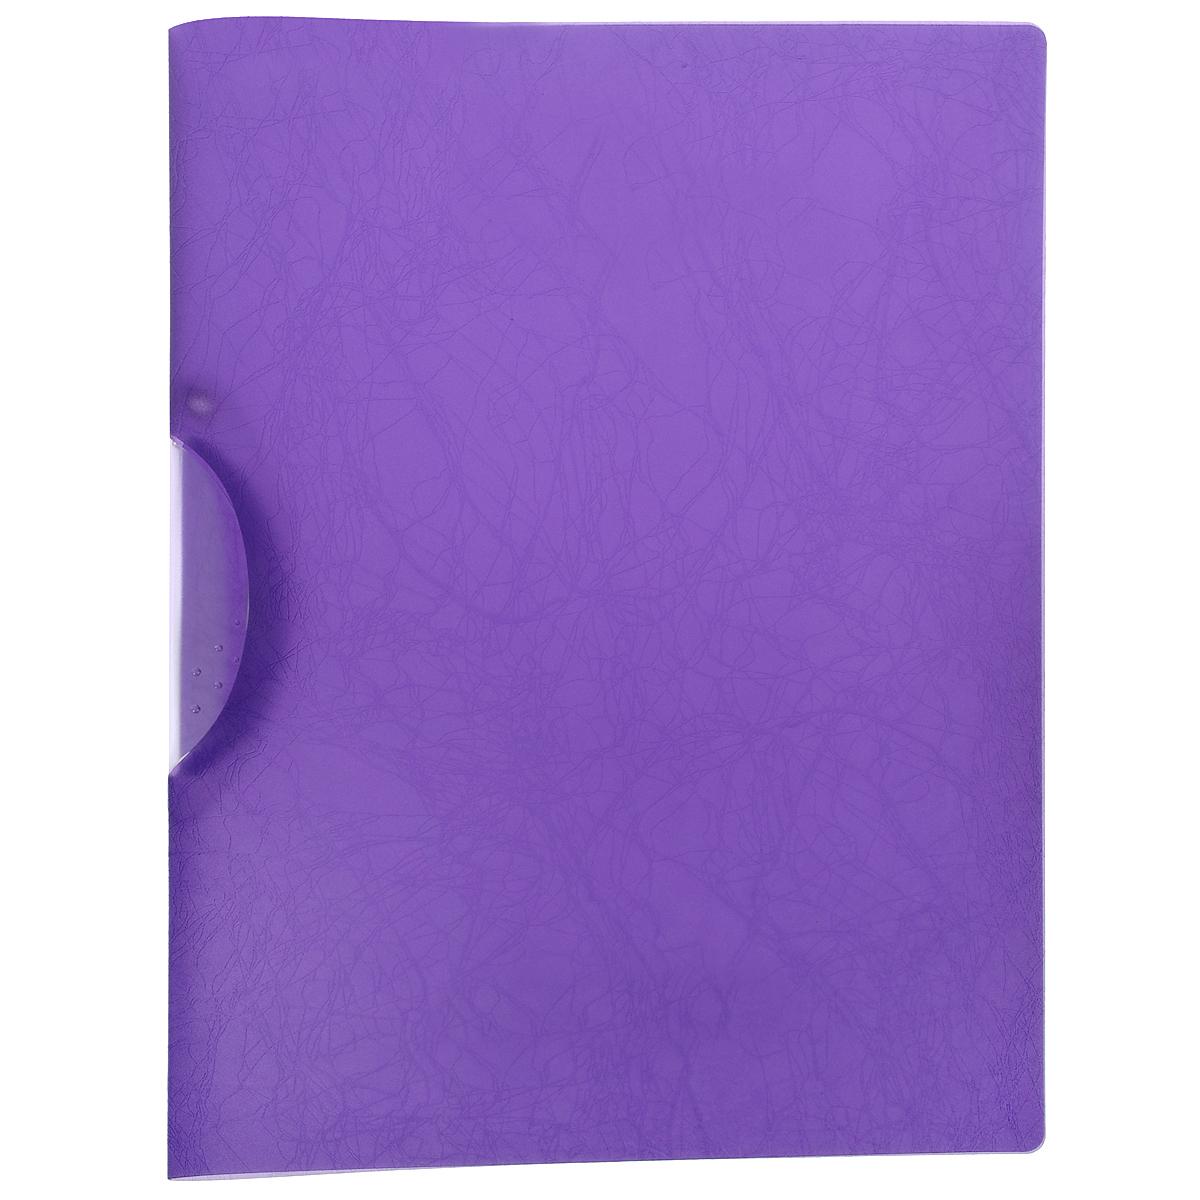 Папка с клипом Centrum Soft Touch, цвет: фиолетовый. Формат А484018ФПапка с клипом Centrum Soft Touch станет вашим верным помощником дома и в офисе. Это удобный и функциональный инструмент, предназначенный для хранения и транспортировки рабочих бумаг и документов формата А4. Папка изготовлена из прочного высококачественного пластика, оснащена боковым клипом, позволяющим фиксировать неперфорированные листы. Уголки имеют закругленную форму, что предотвращает их загибание и помогает надолго сохранить опрятный вид обложки. Папка оформлена тиснением под кожу. Папка - это незаменимый атрибут для любого студента, школьника или офисного работника. Такая папка надежно сохранит ваши бумаги и сбережет их от повреждений, пыли и влаги.